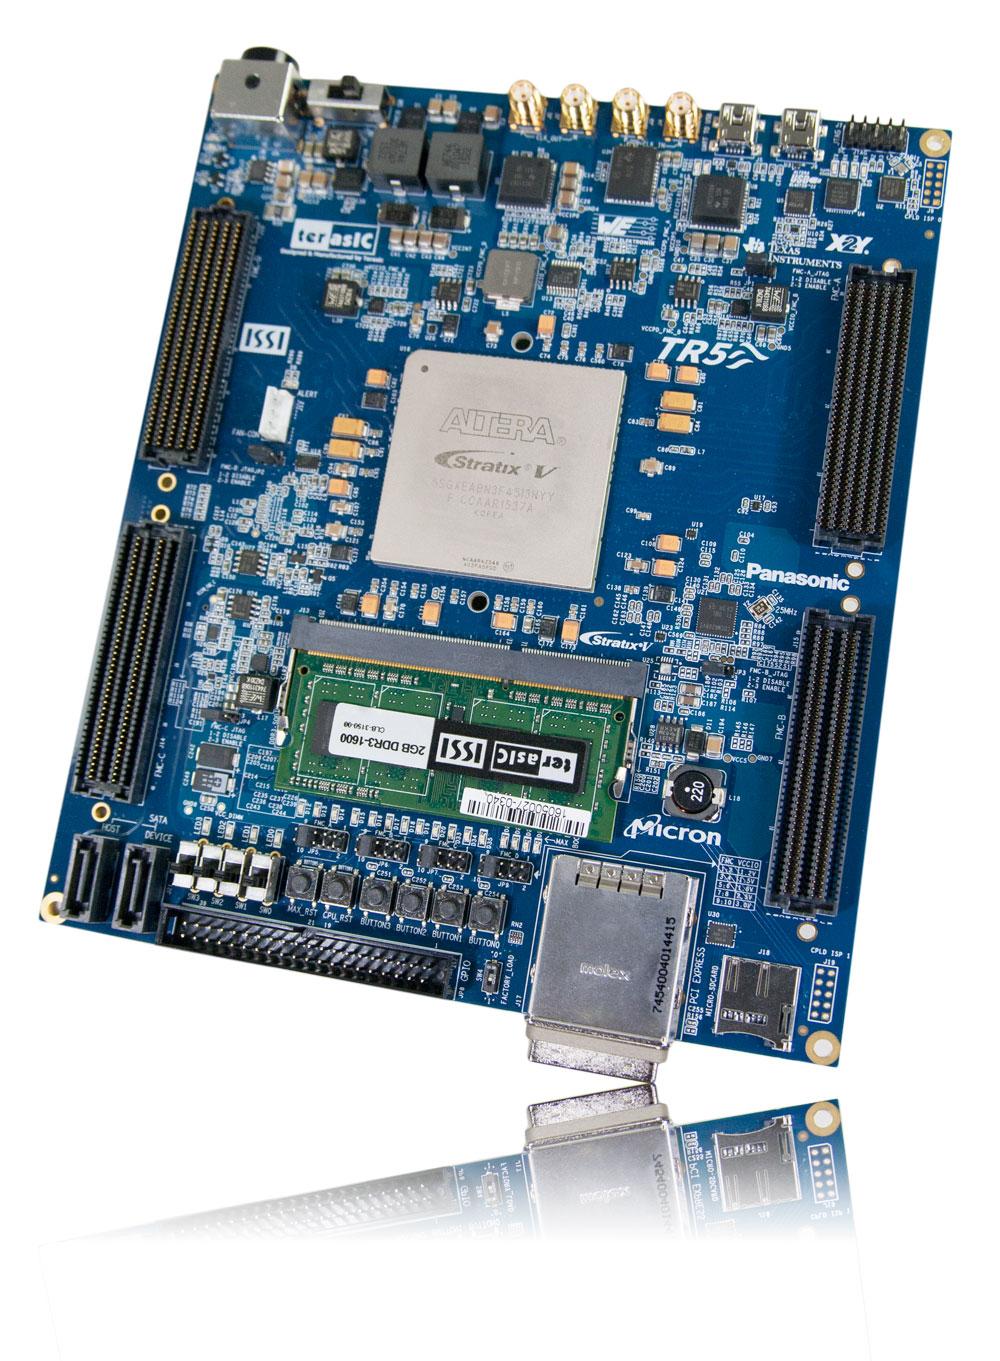 Terasic - All FPGA Main Boards - Stratix V - Terasic TR5 FPGA